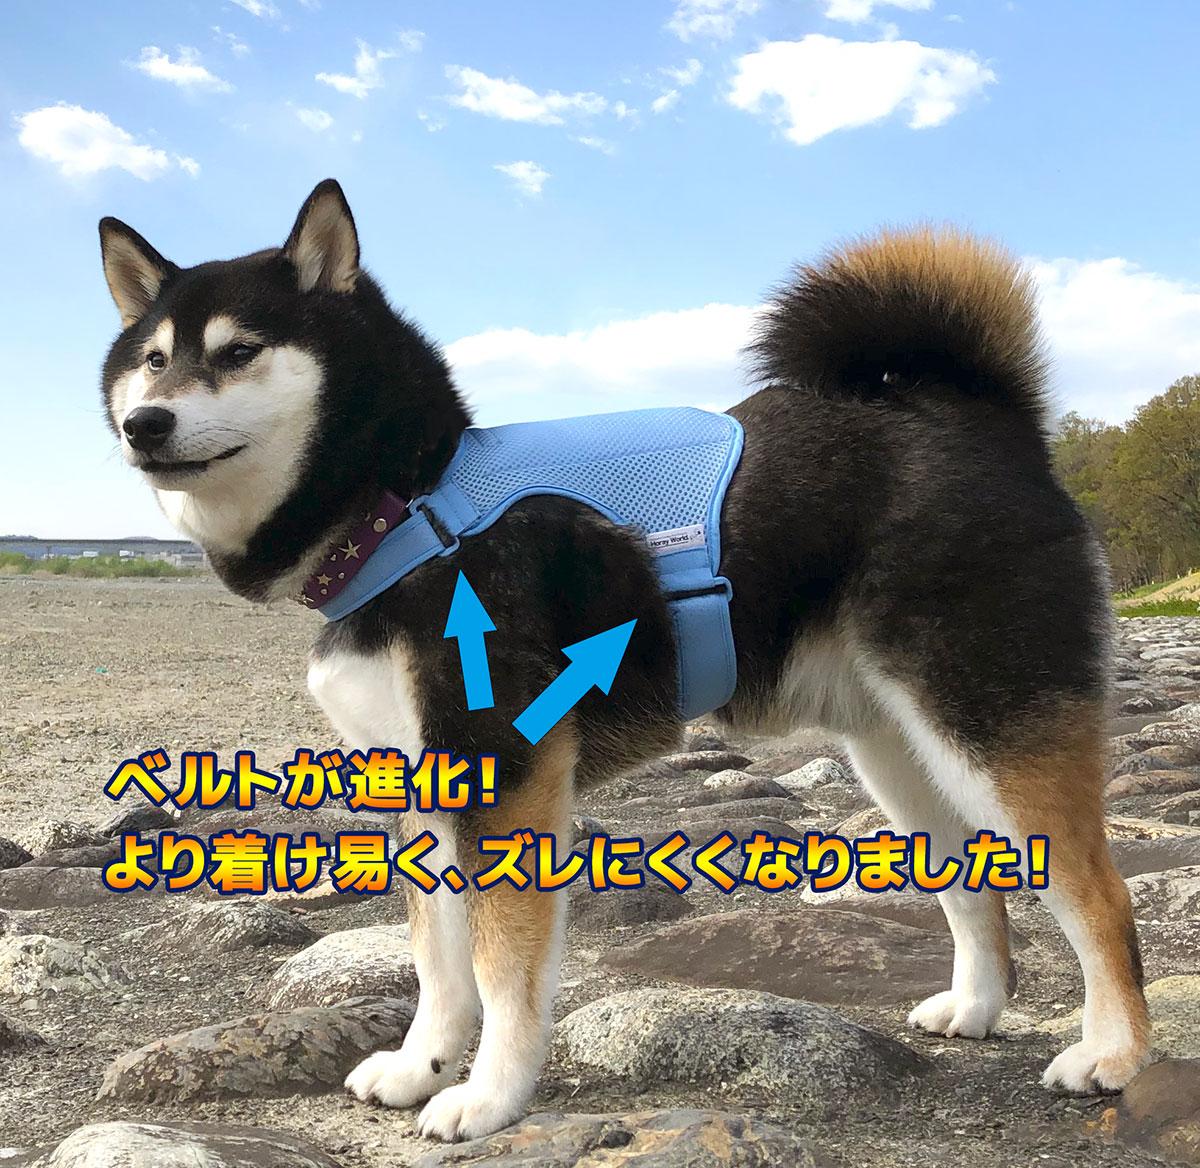 犬用保冷ベスト「ホレイベスト-ワン-」(愛犬用熱中症対策グッズ)